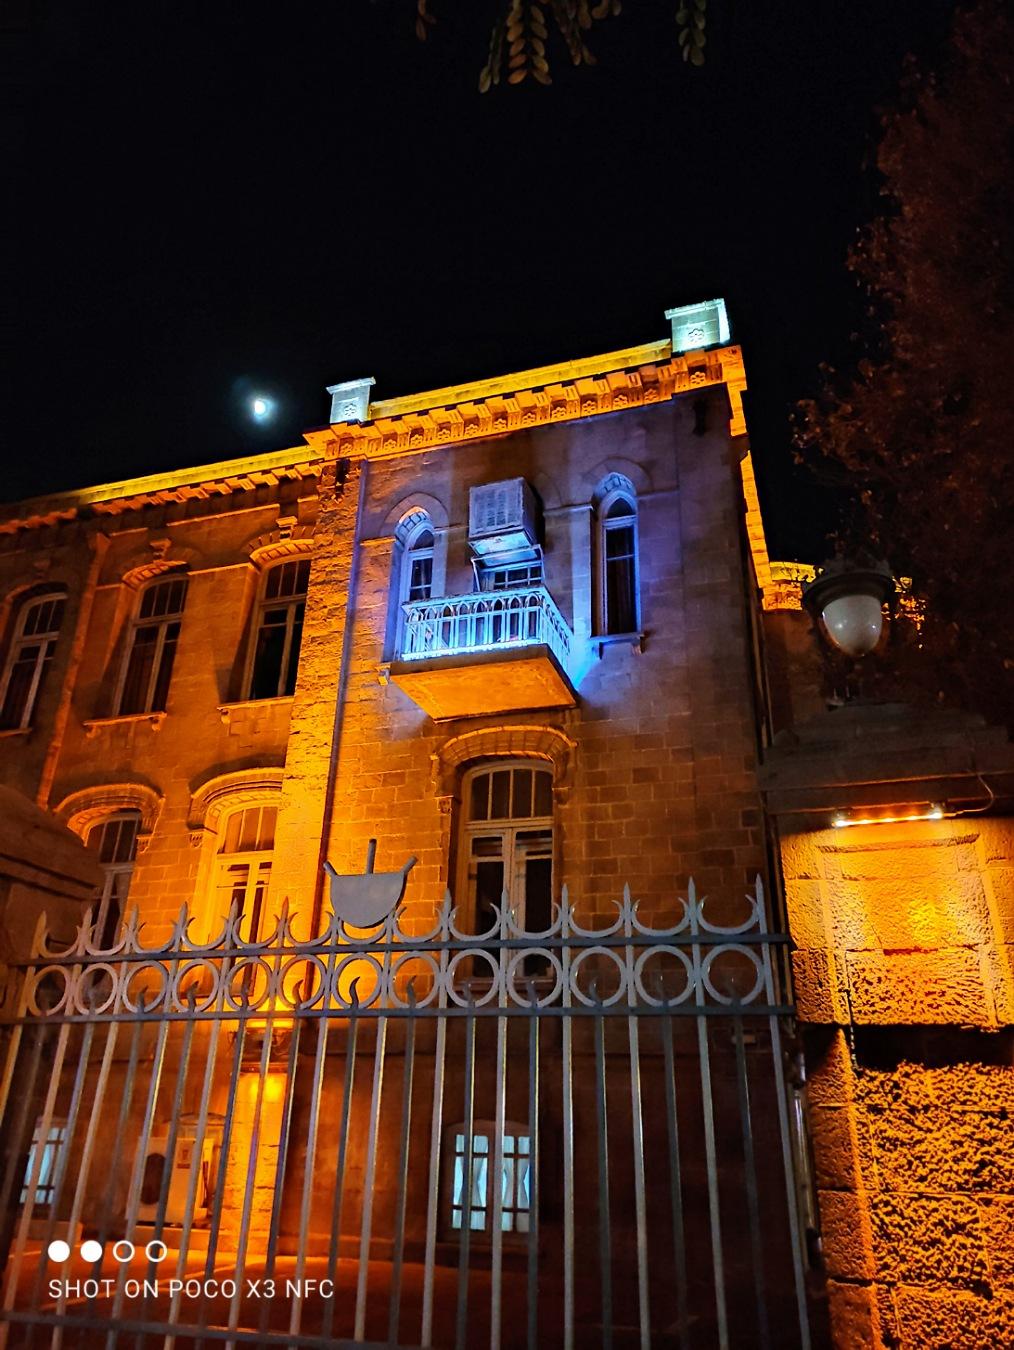 دوربین اصلی پوکو ایکس ۳ در شب با نایت مود خاموش